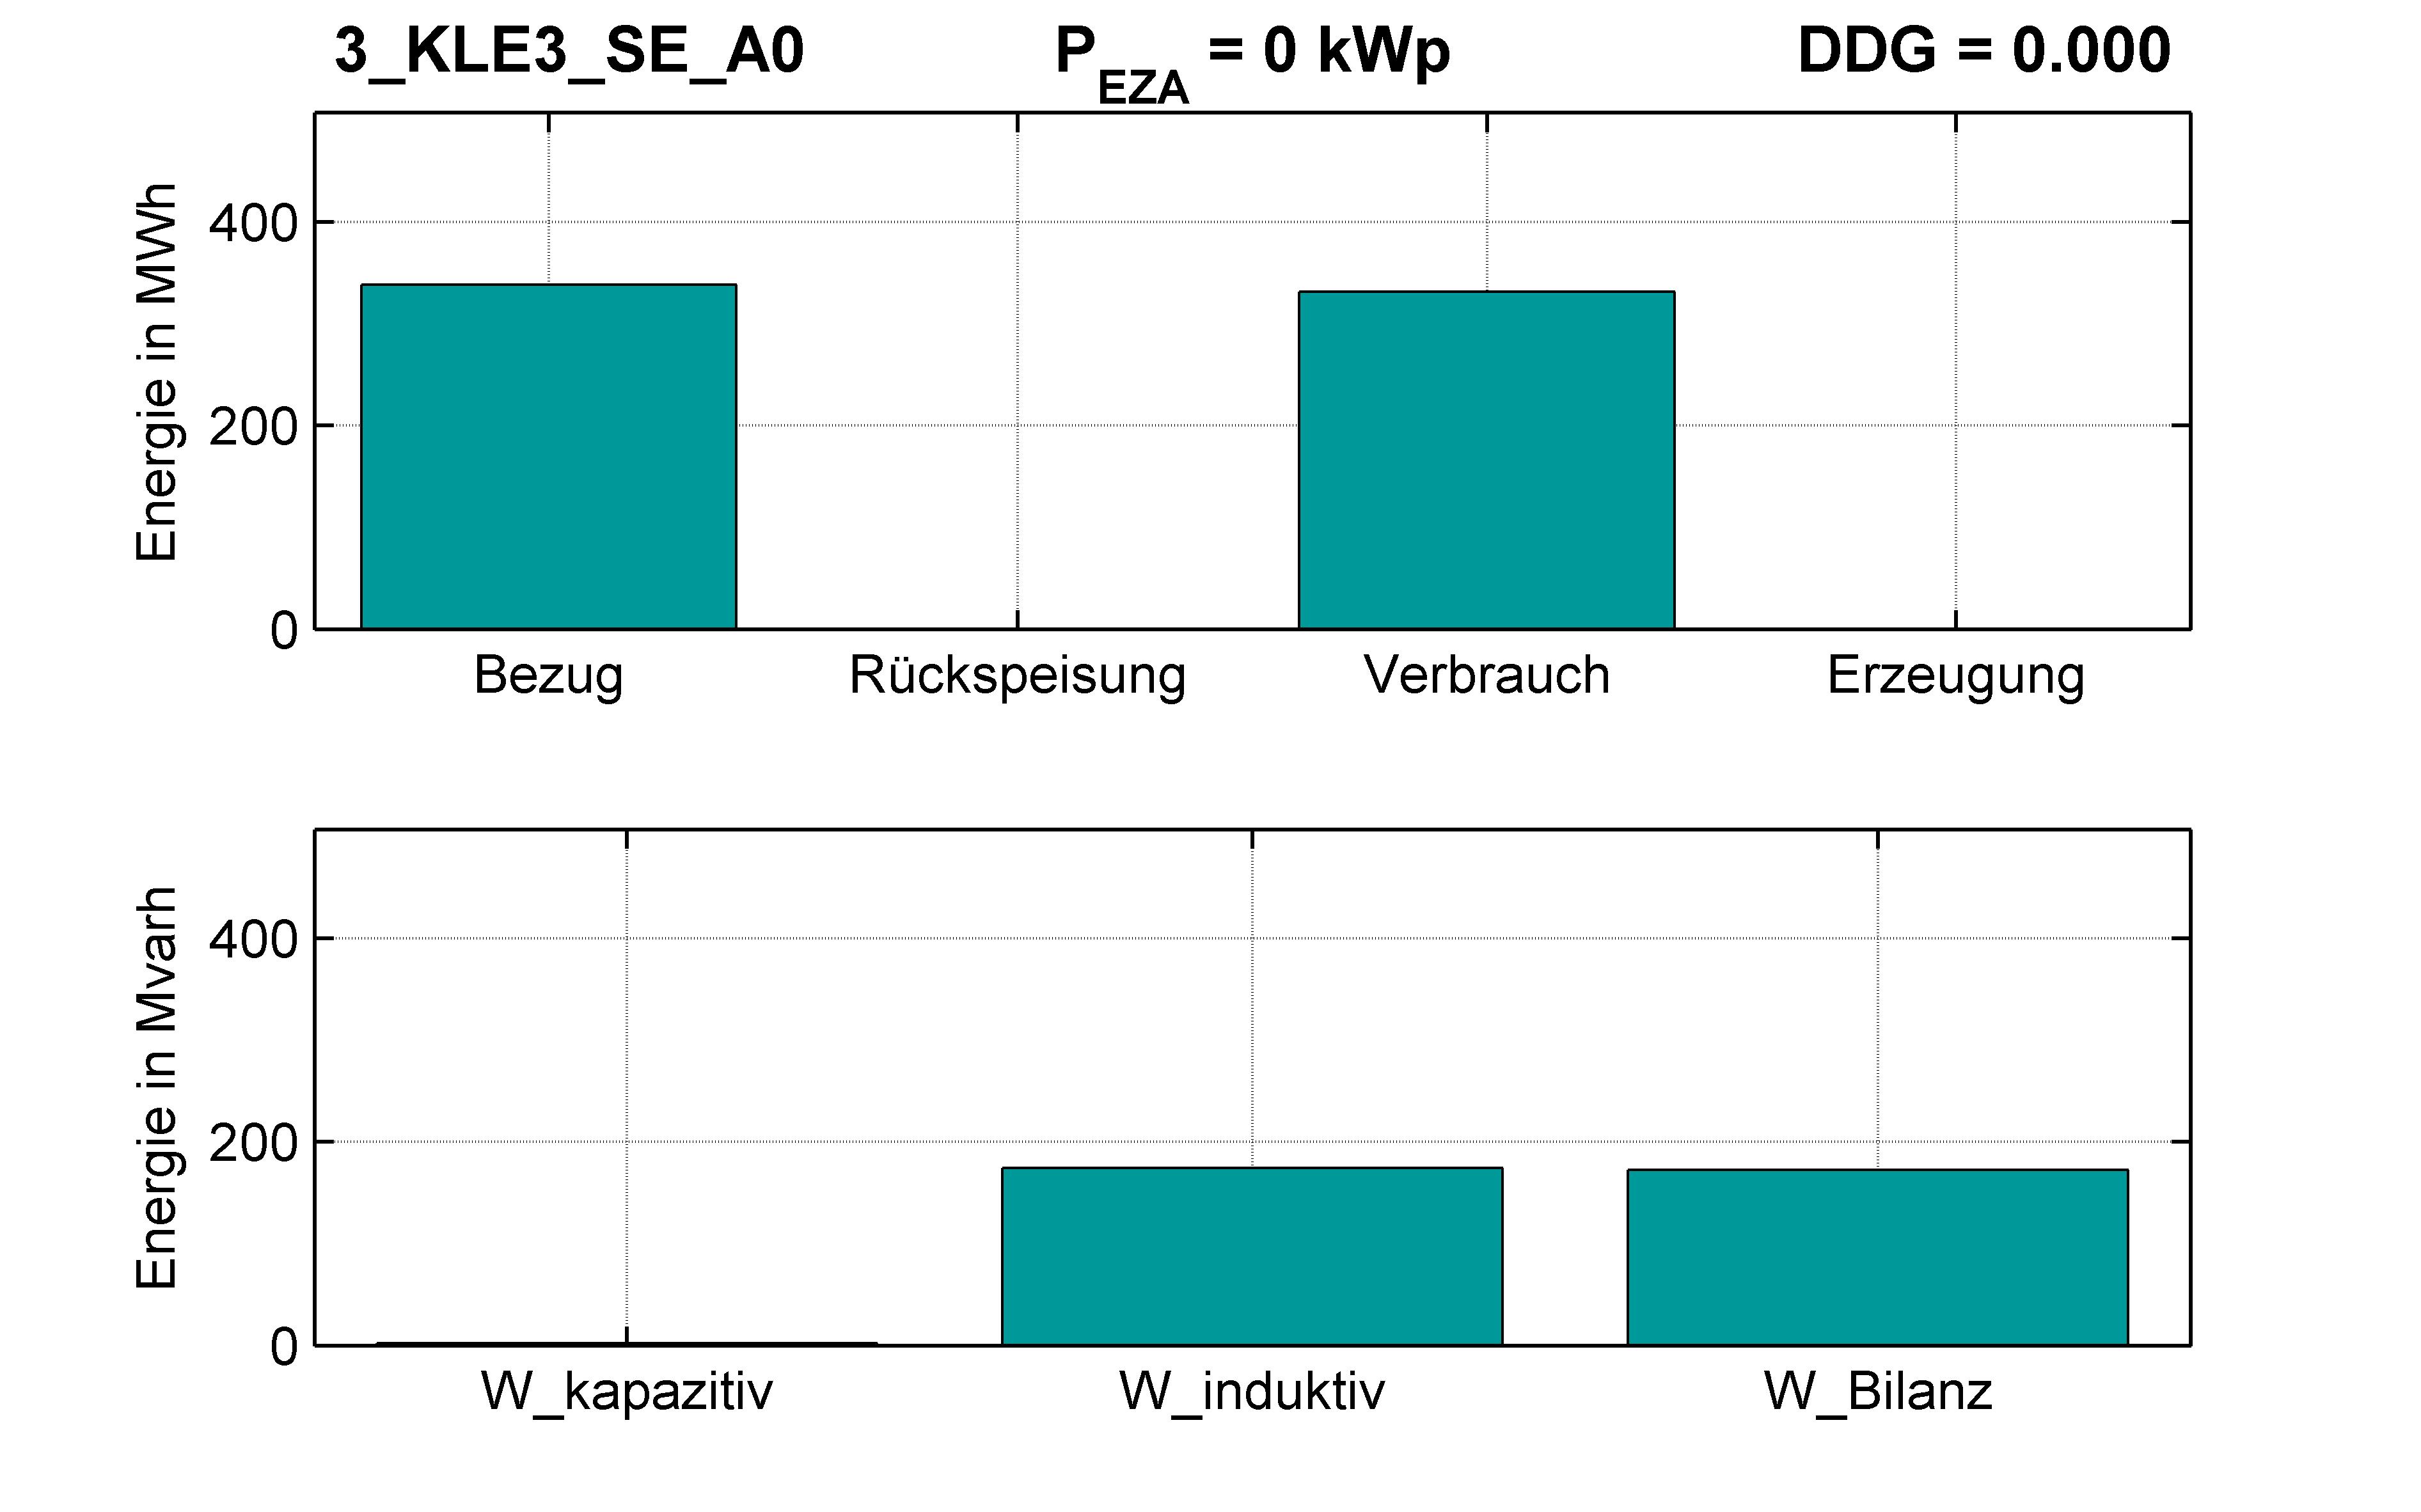 KLE3 | P-Kappung 70% (SE) A0 | PQ-Bilanz